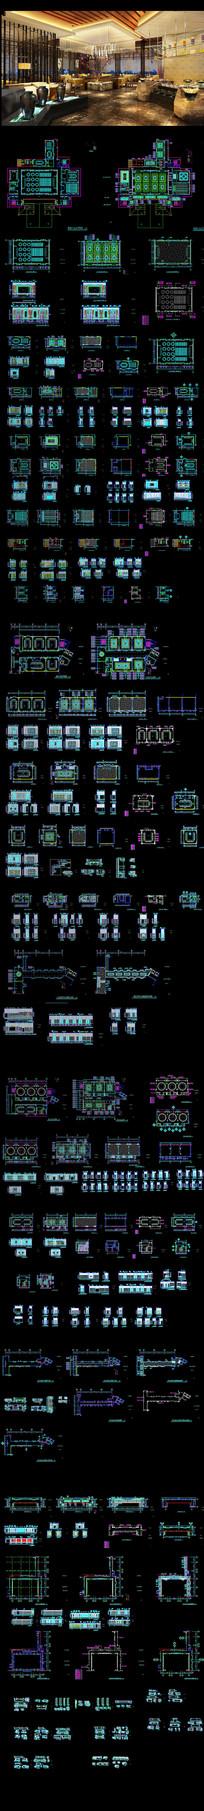 多功能会议厅餐厅施工图